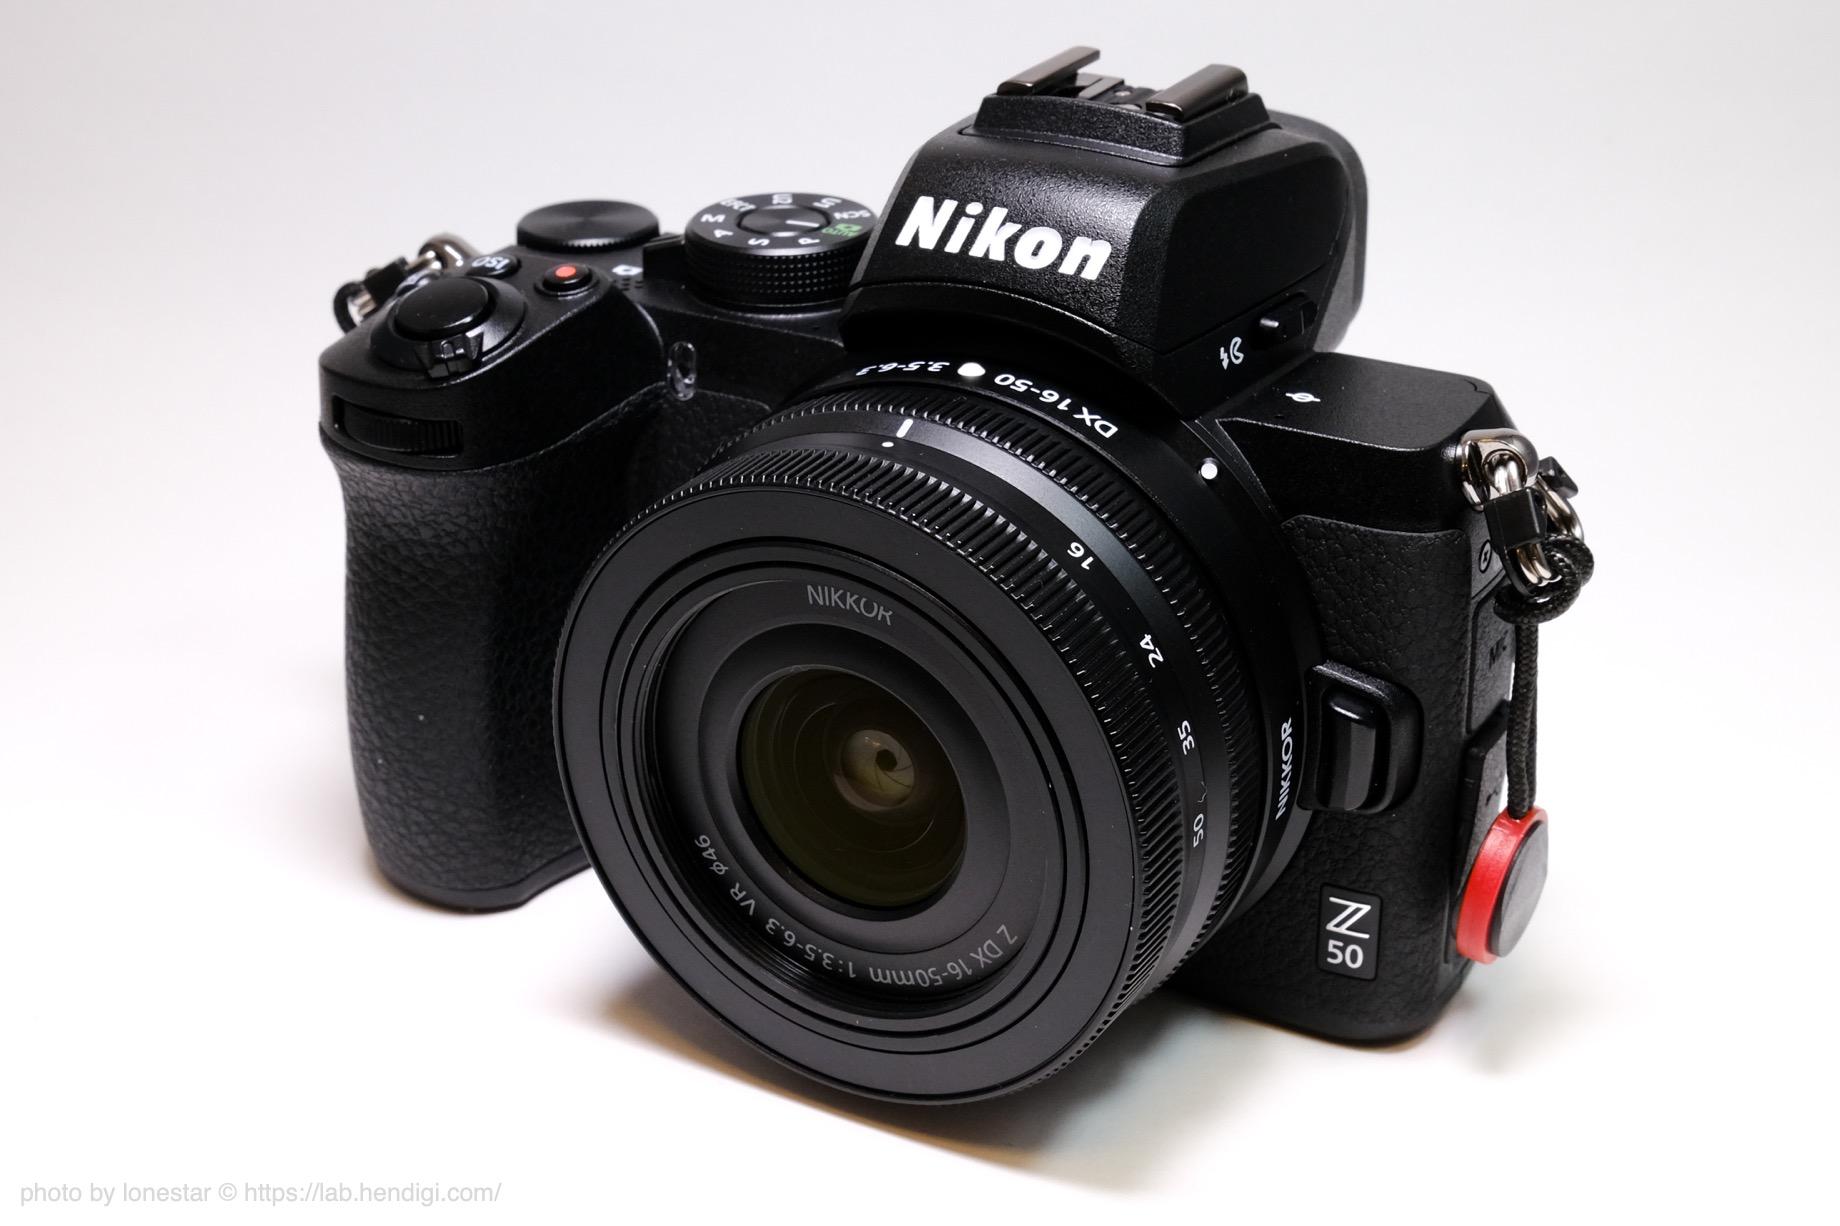 NIKKOR Z DX 16-50mm f/3.5-6.3 VR レビュー